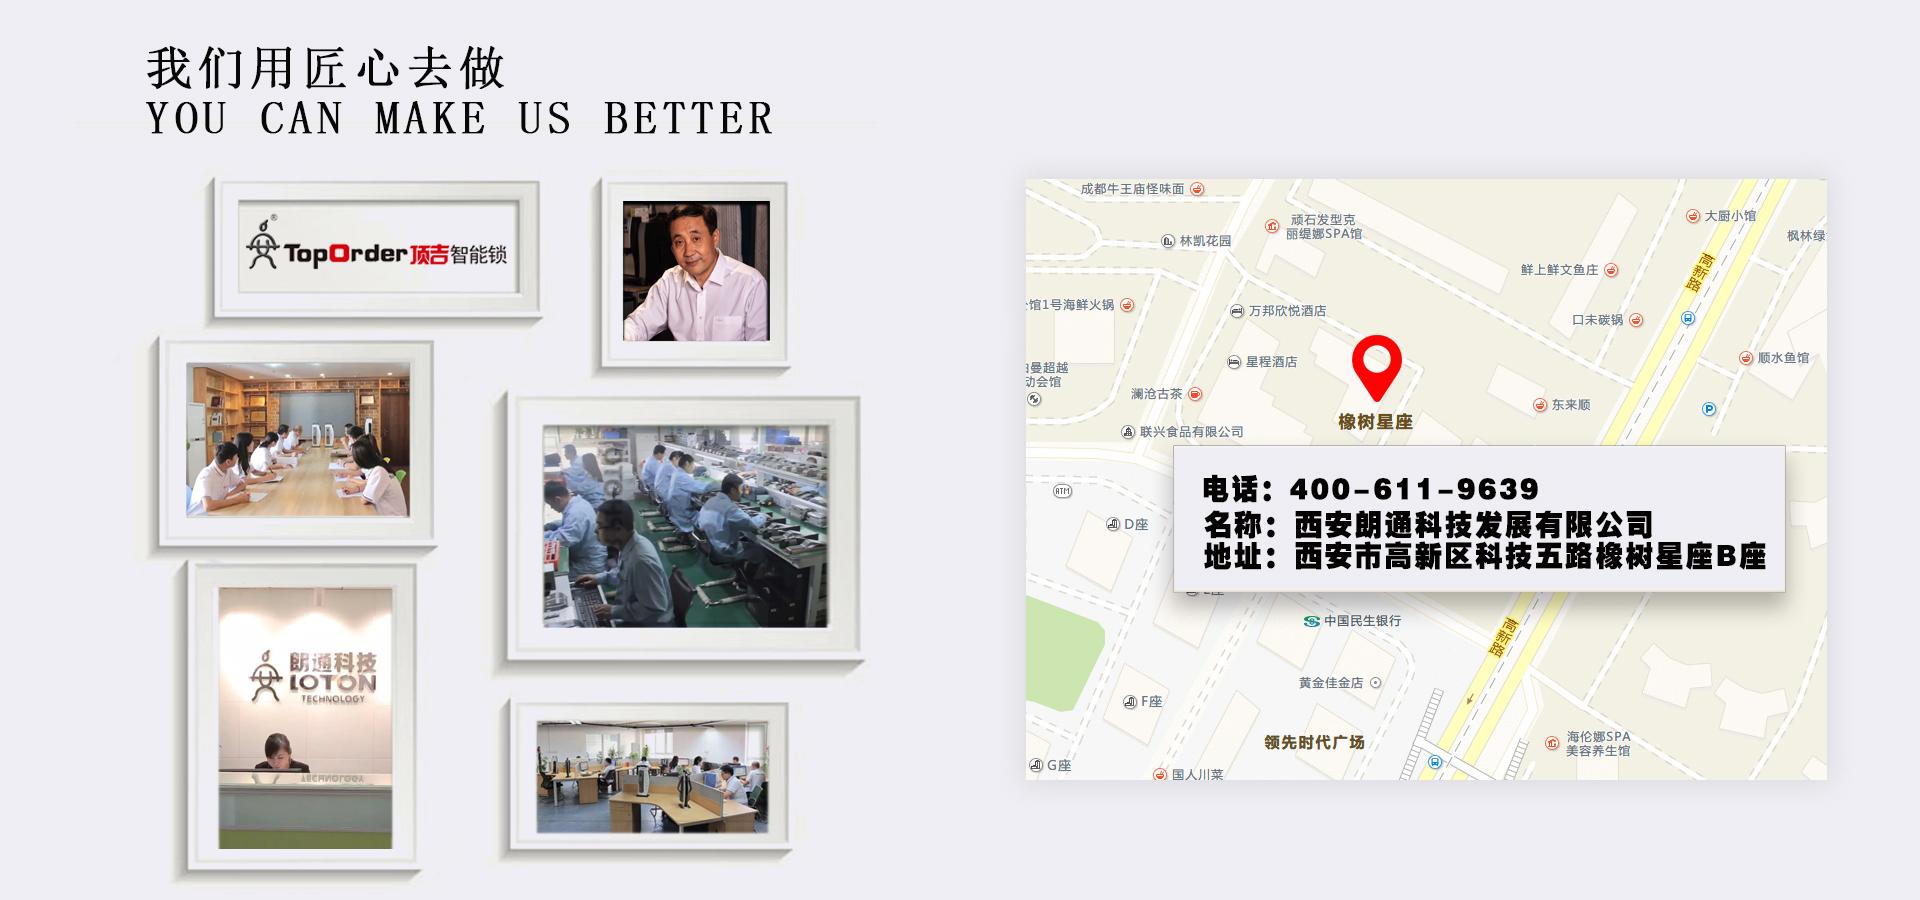 顶吉智能指纹锁厂家公司地址地图定位